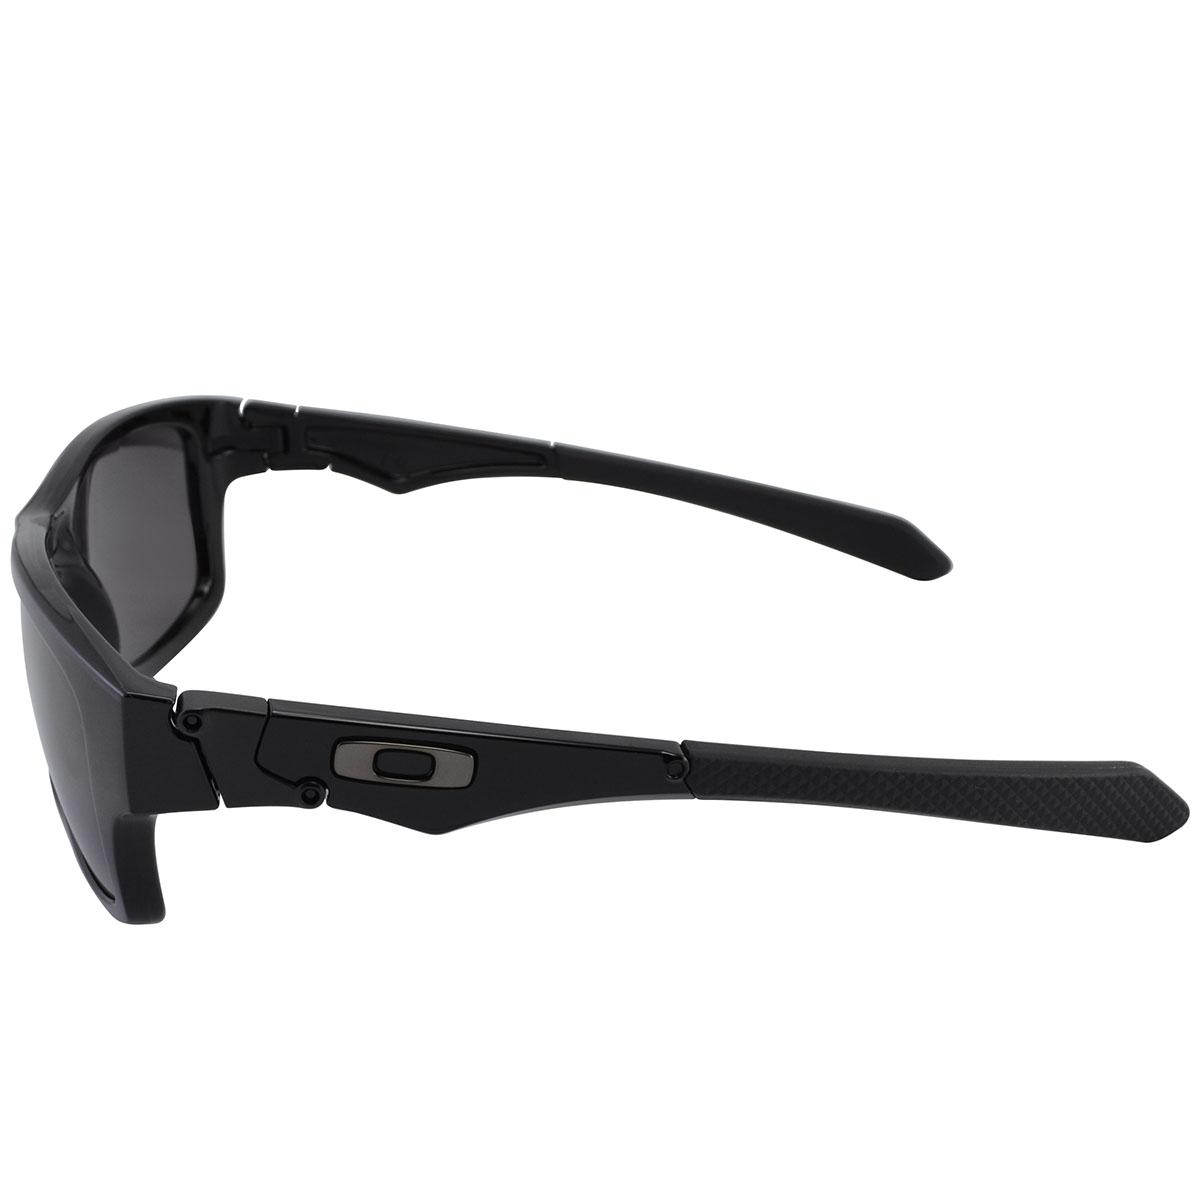 17f6db344f Óculos Oakley Jupiter Squared Polished Black Lente Warm Grey ref OO9135-01